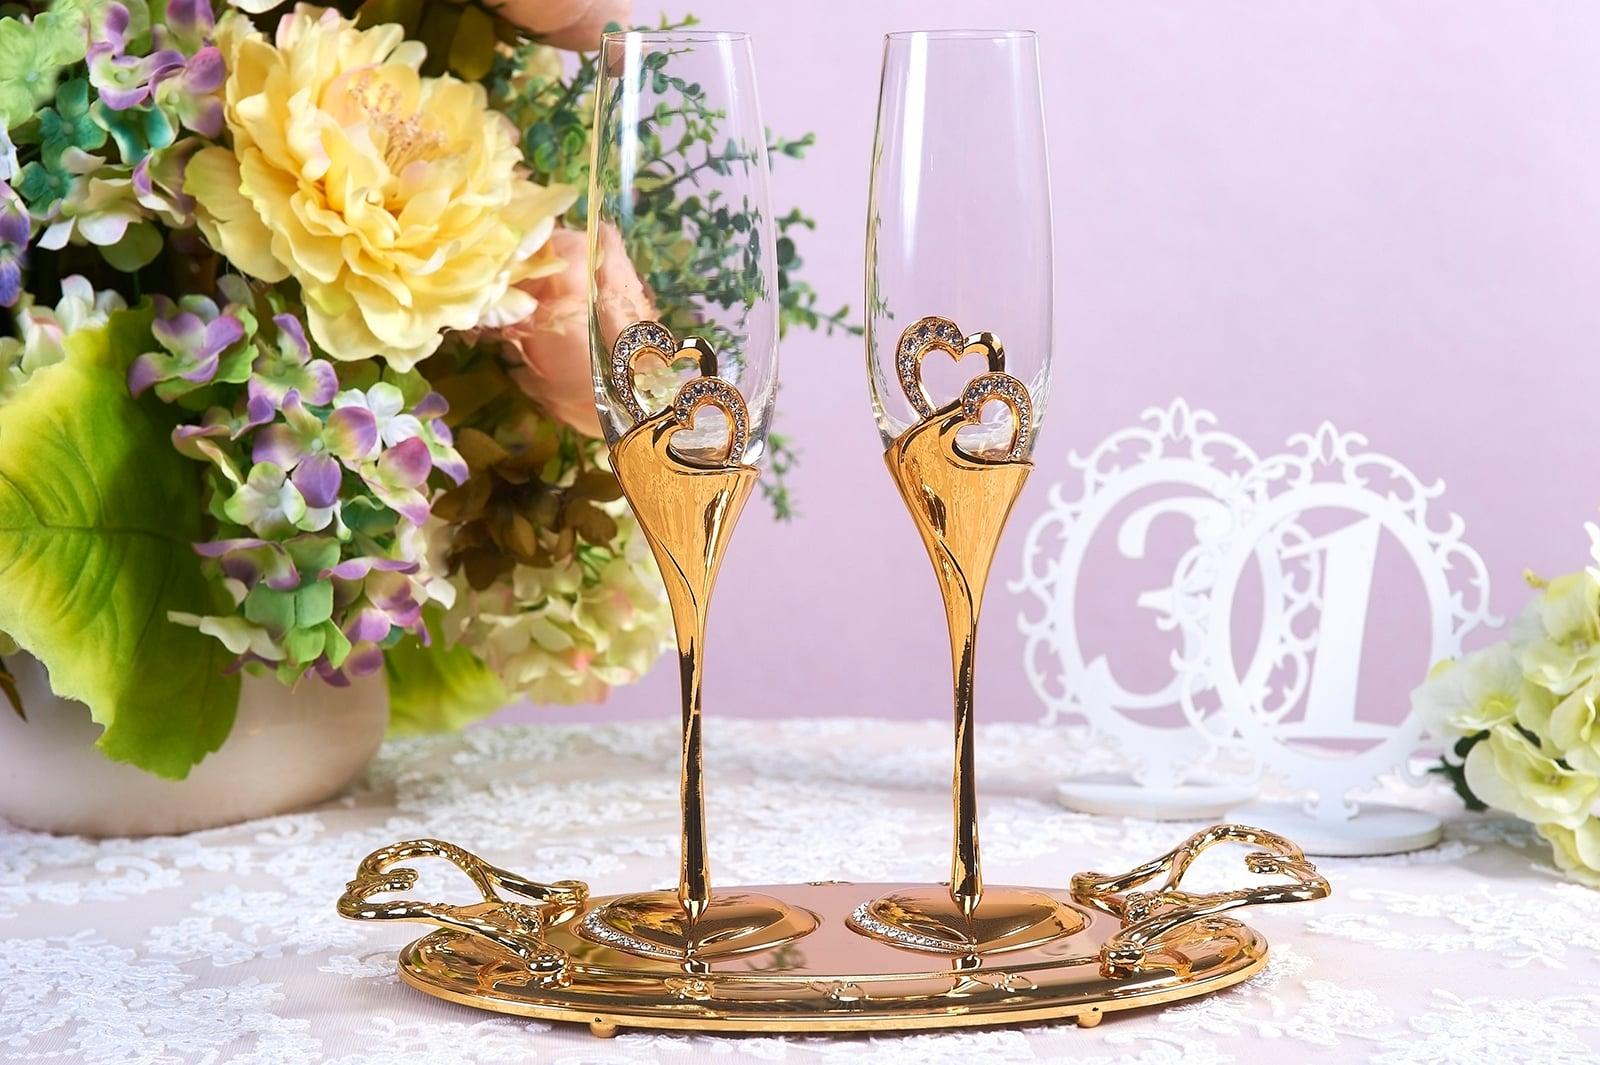 Прозрачные свадебные фужеры с золотыми ножками и сердцами.